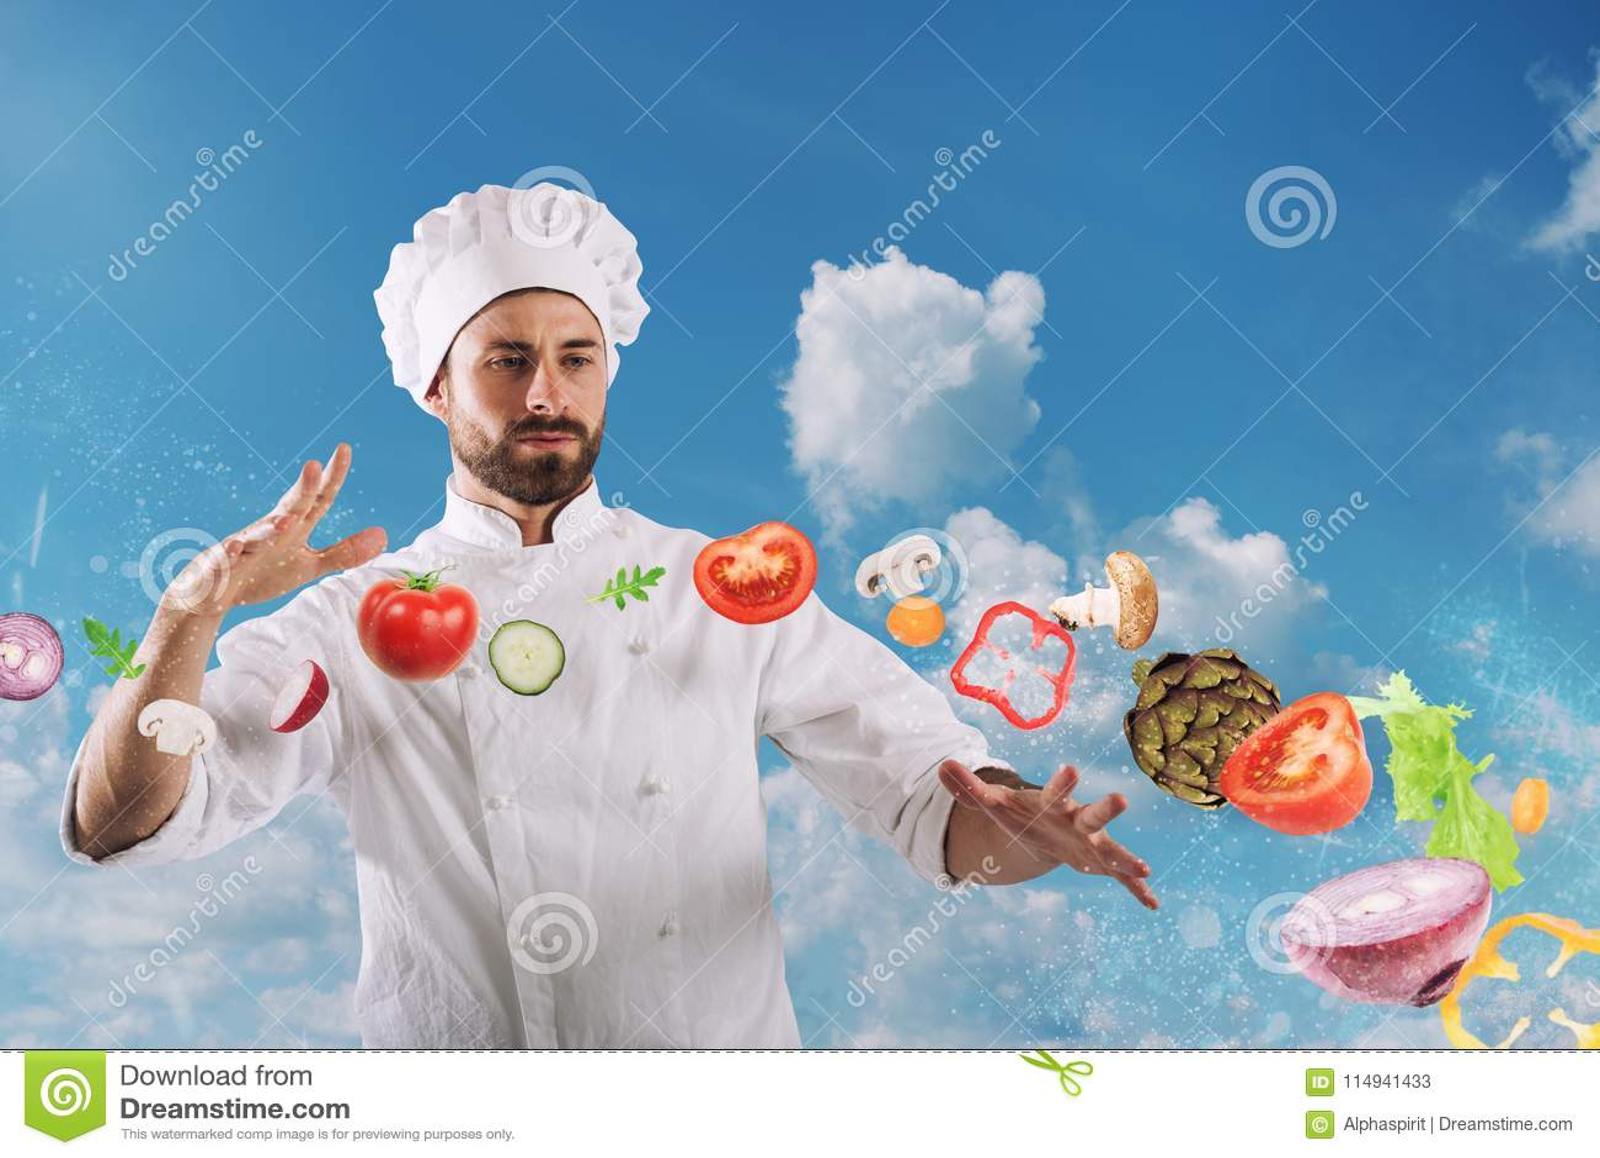 Chef magique prêt à cuisiner un nouveau plat